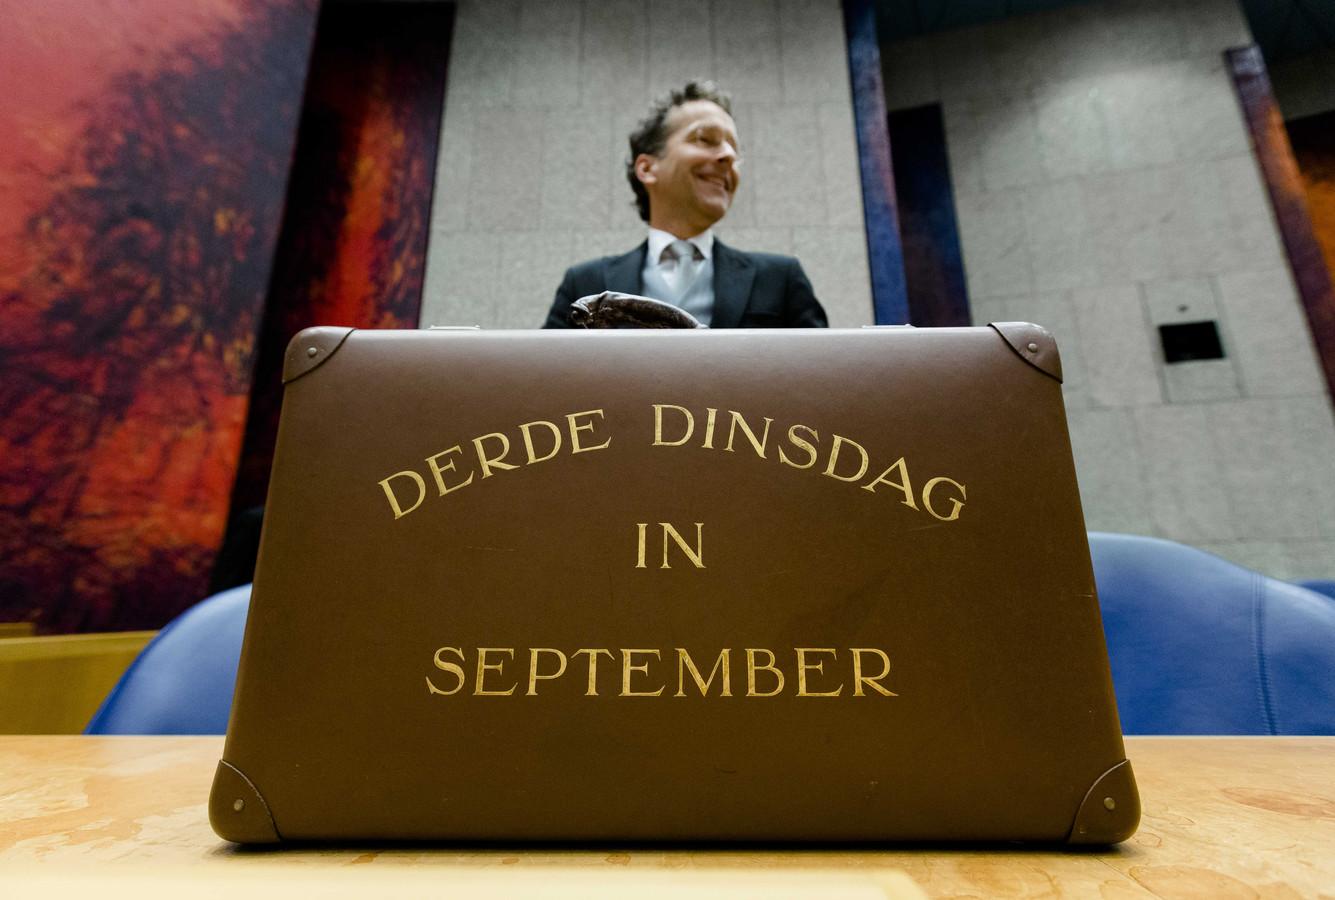 Nederland is sterker uit de crisis gekomen. Dat is de centrale boodschap van de Miljoenennota die volgende week op Prinsjesdag gepresenteerd wordt.